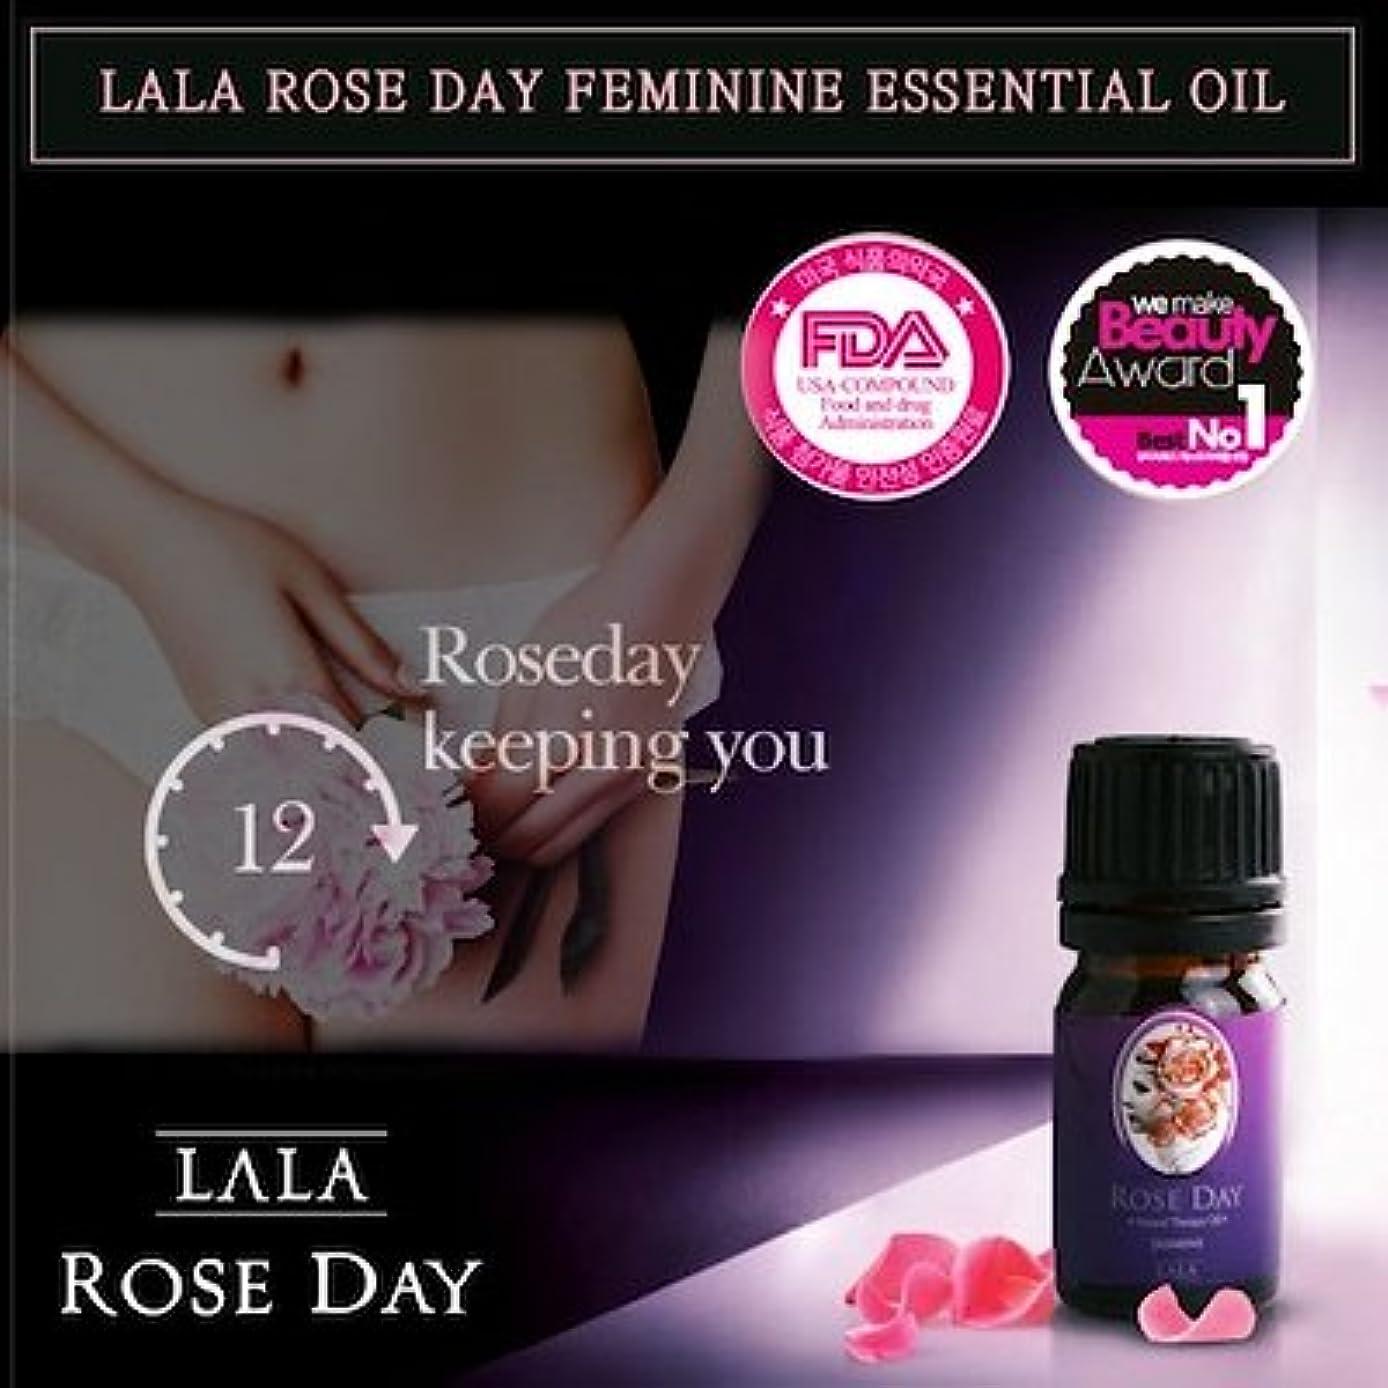 代表して熟考する増幅器LALA Rose Day Natural Therapy Oil(Jasmine)/Feminine Essential Oil/Korea Cosmetic